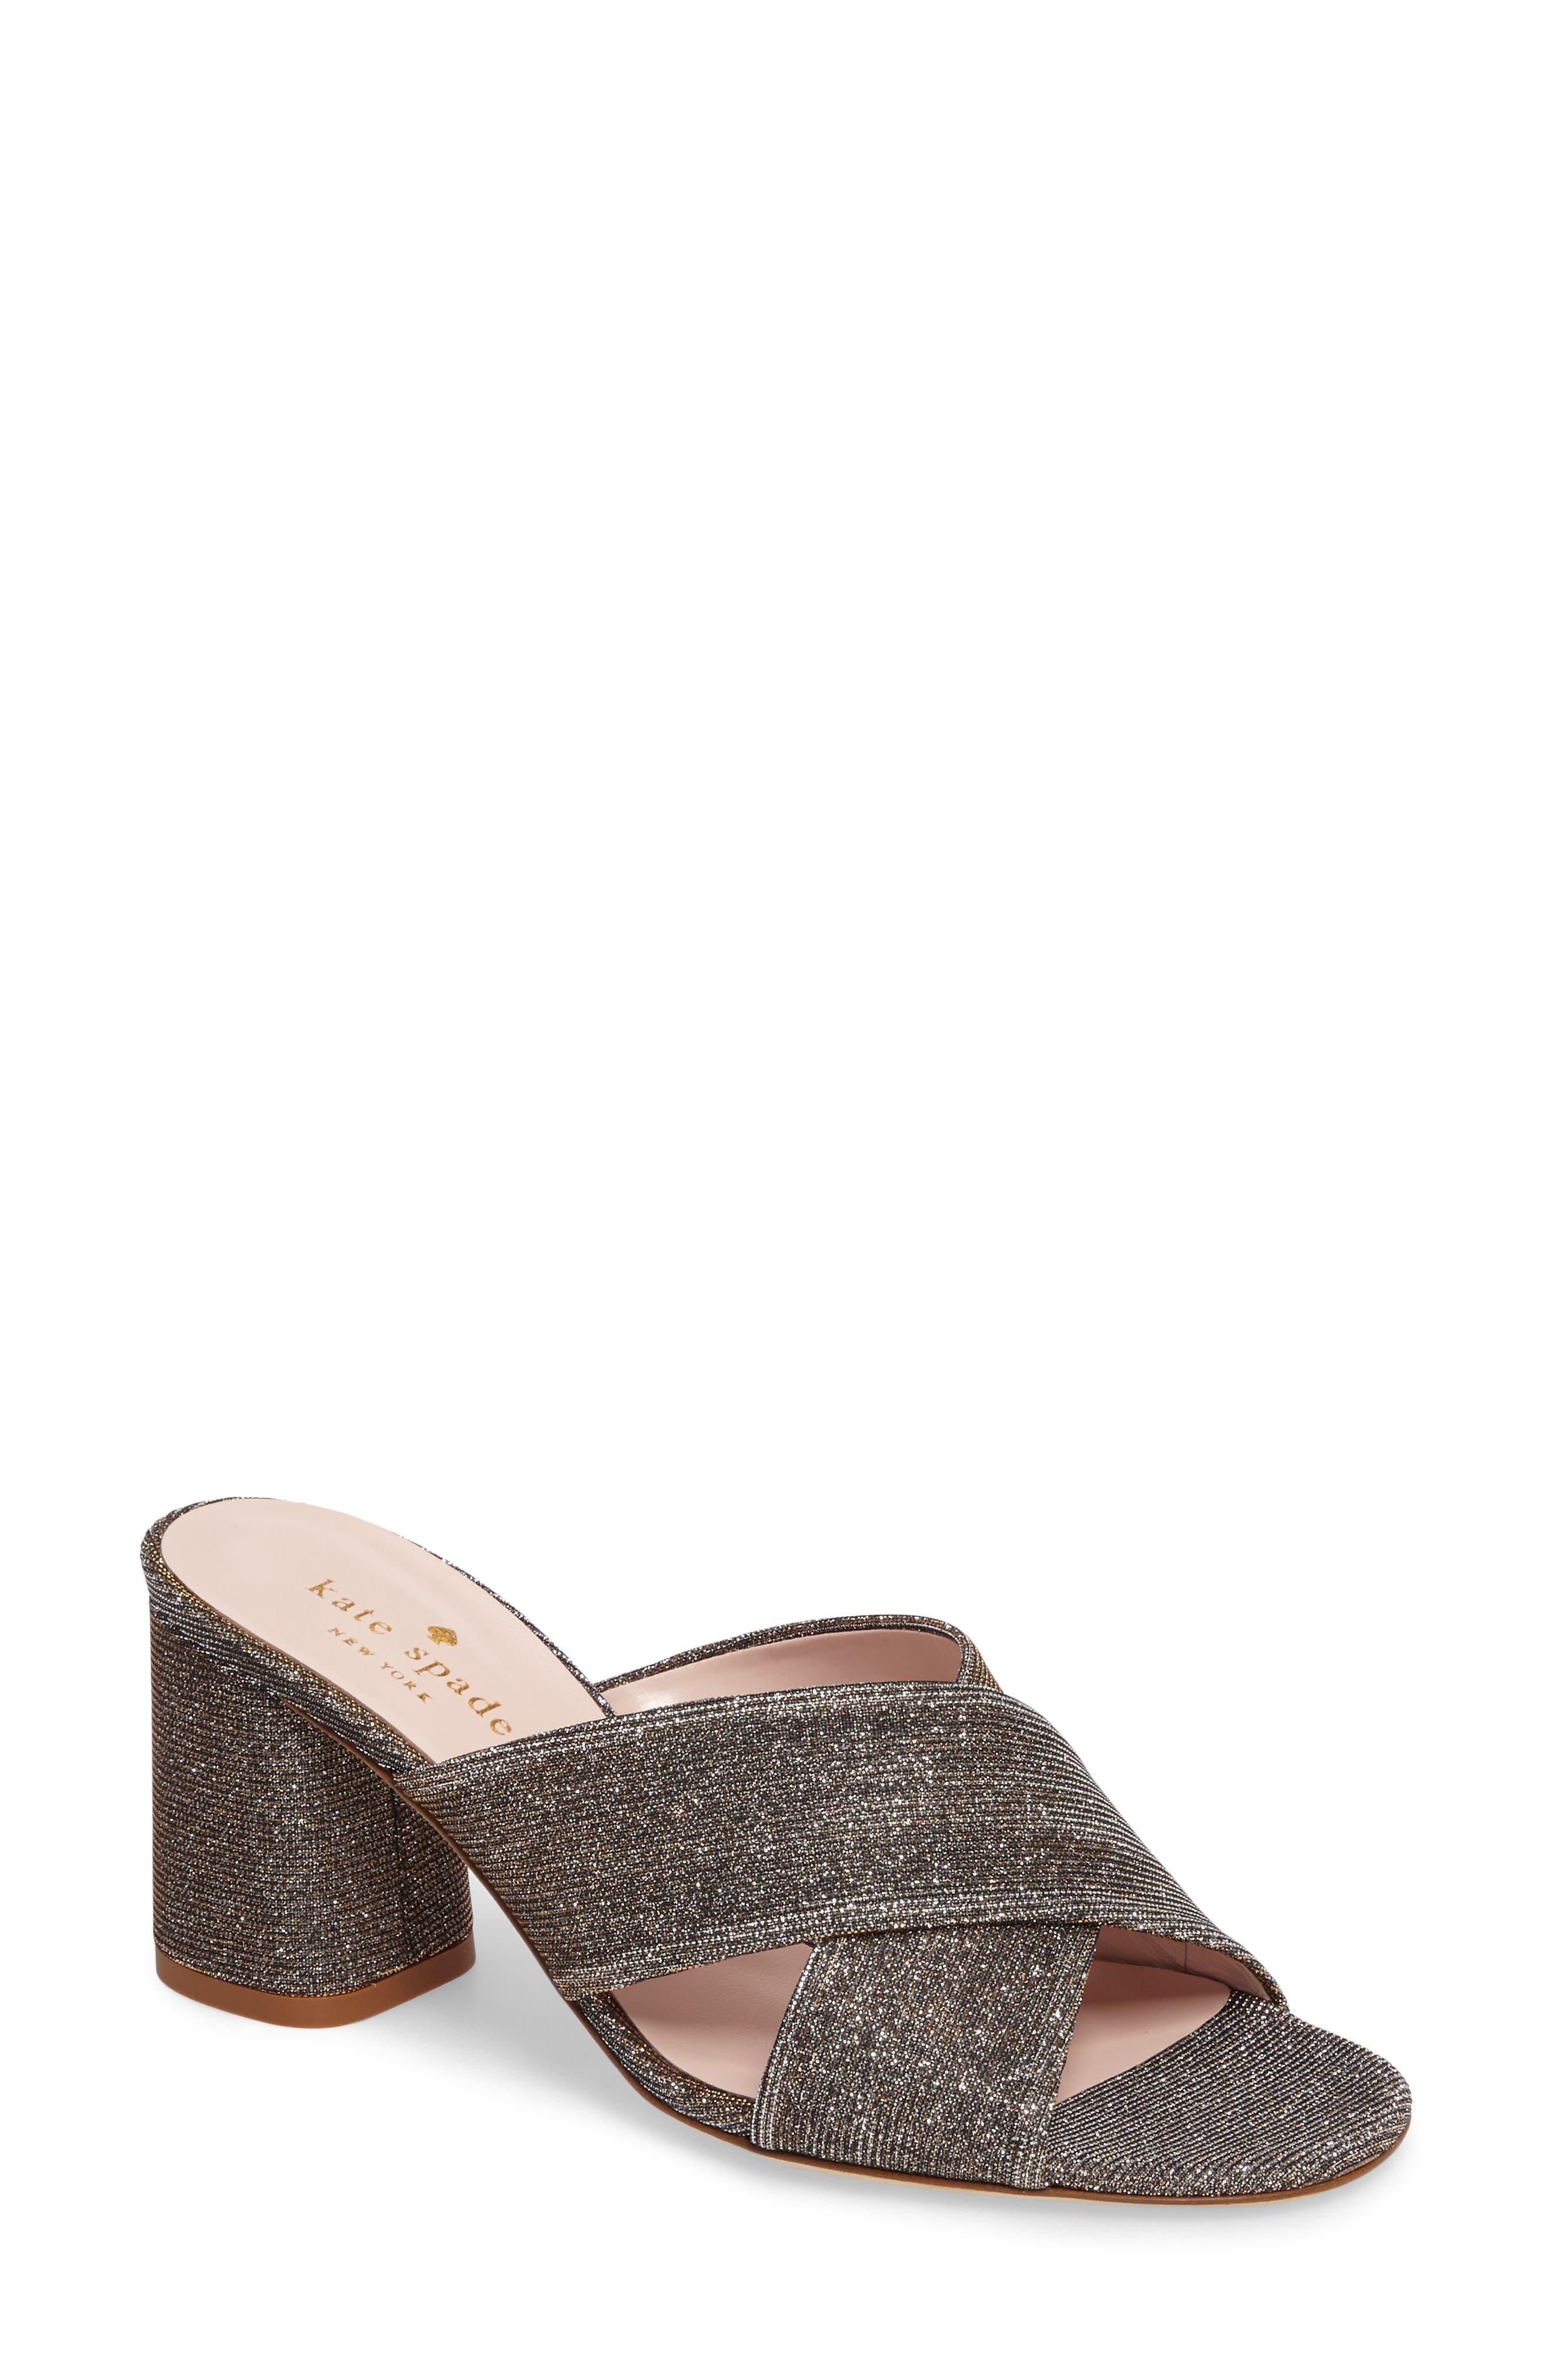 denault slide sandal,                         Main,                         color, Bronze Lurex